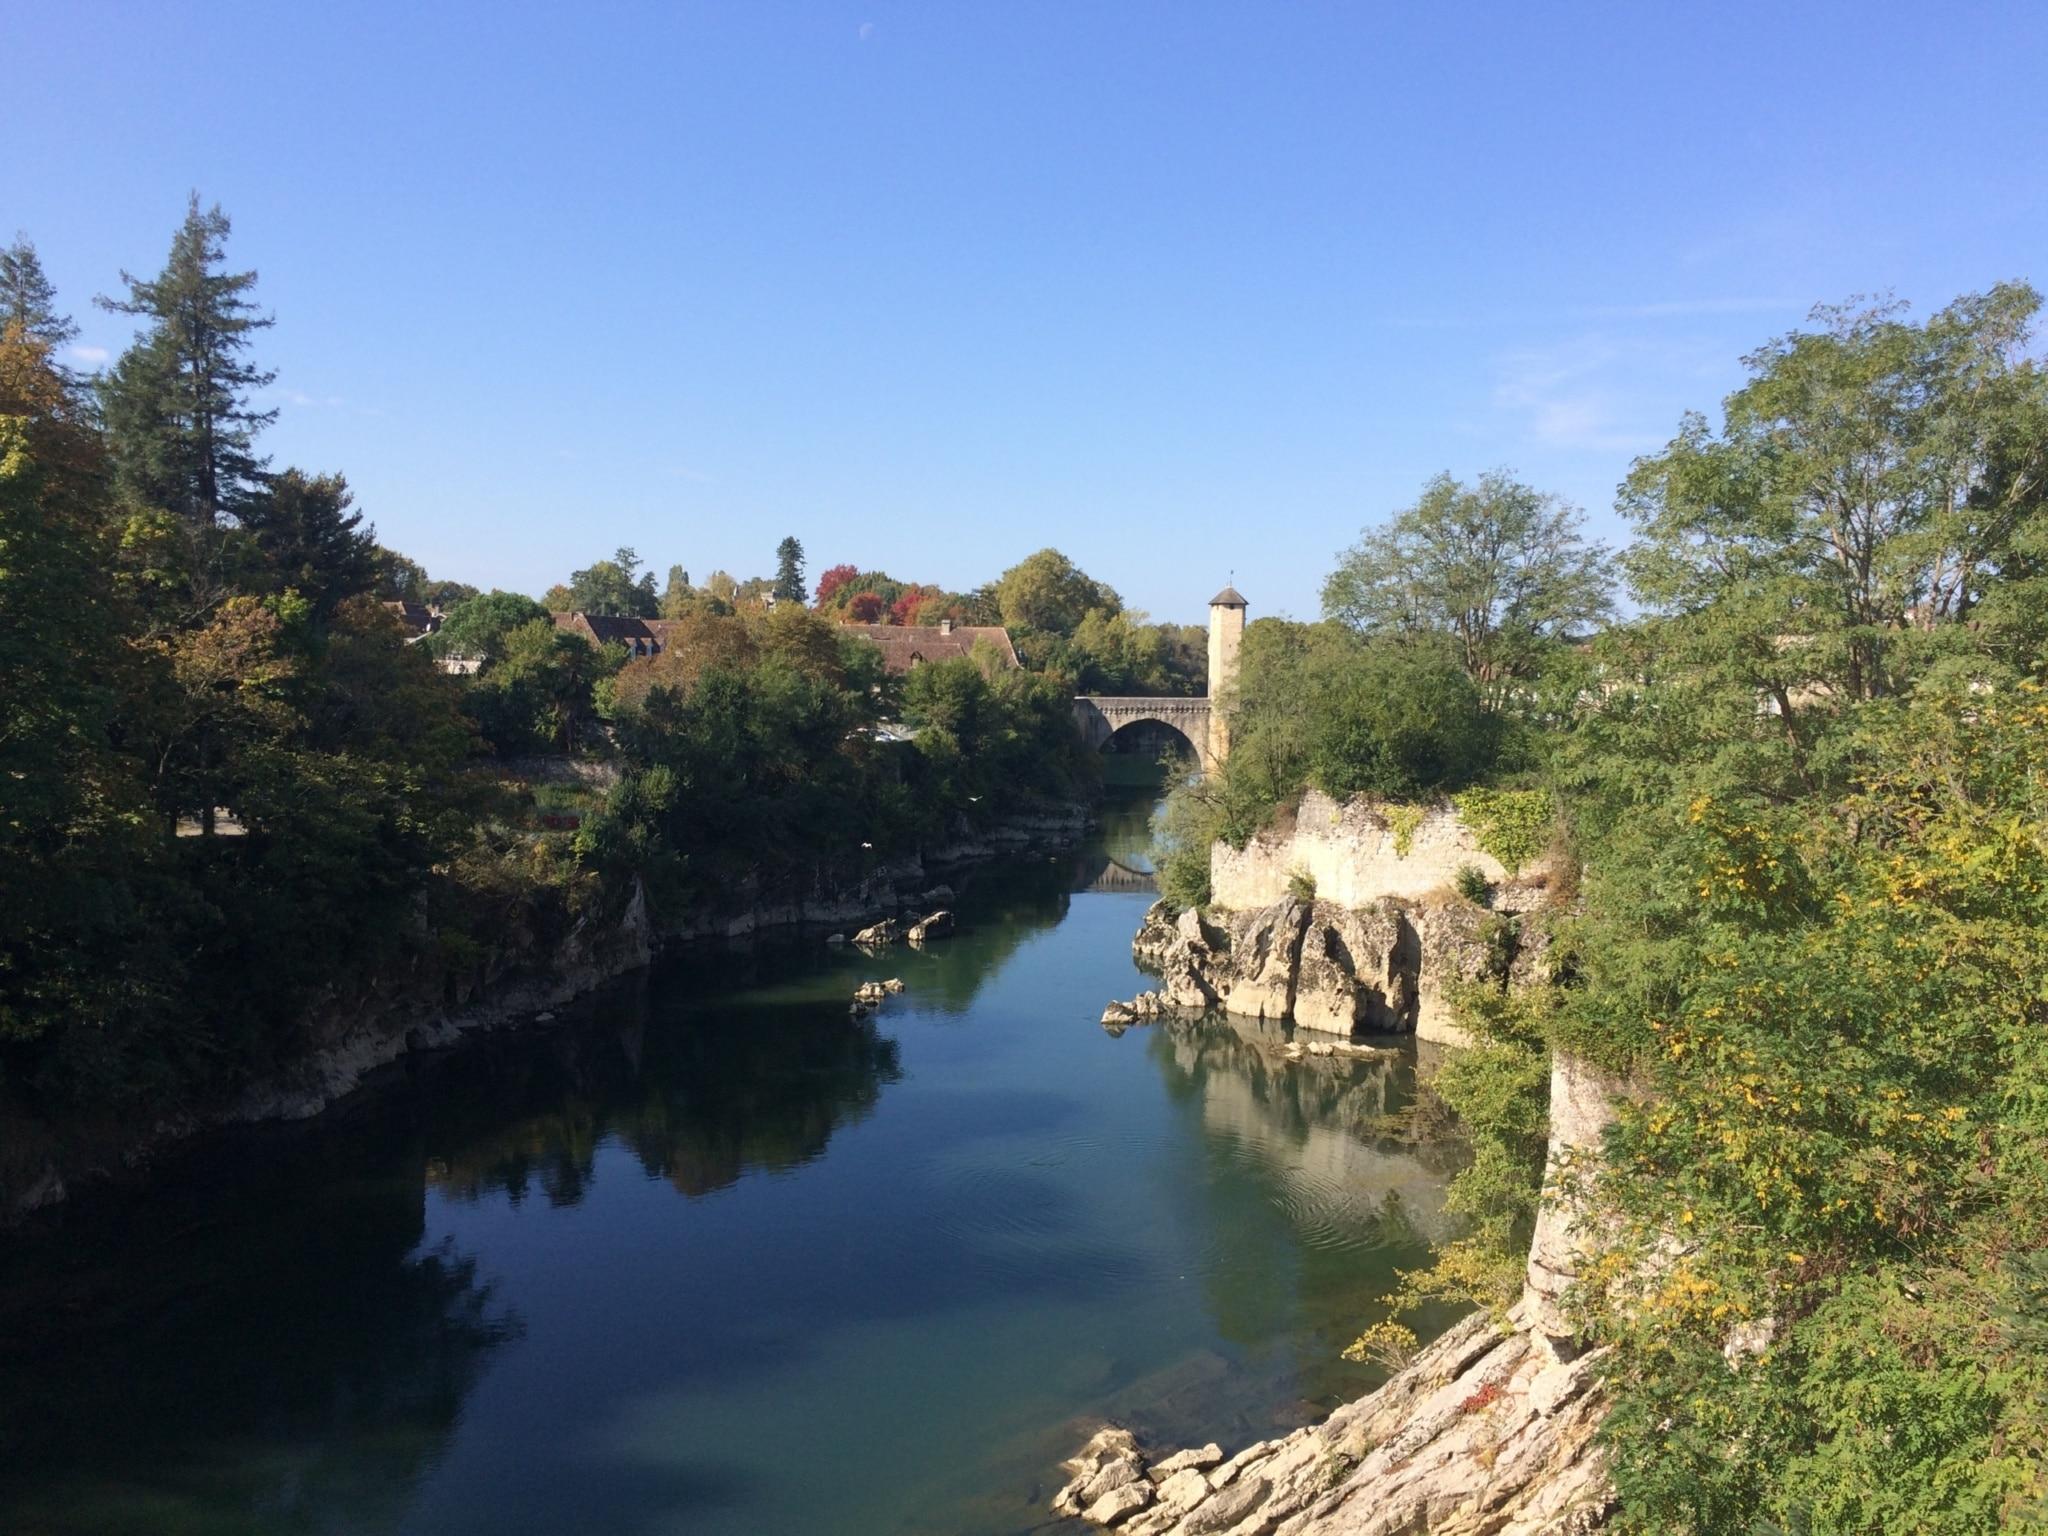 Sejour-pêche-bearn-Orthez le pont Vieux 01 ©CDT64-A.Salaun